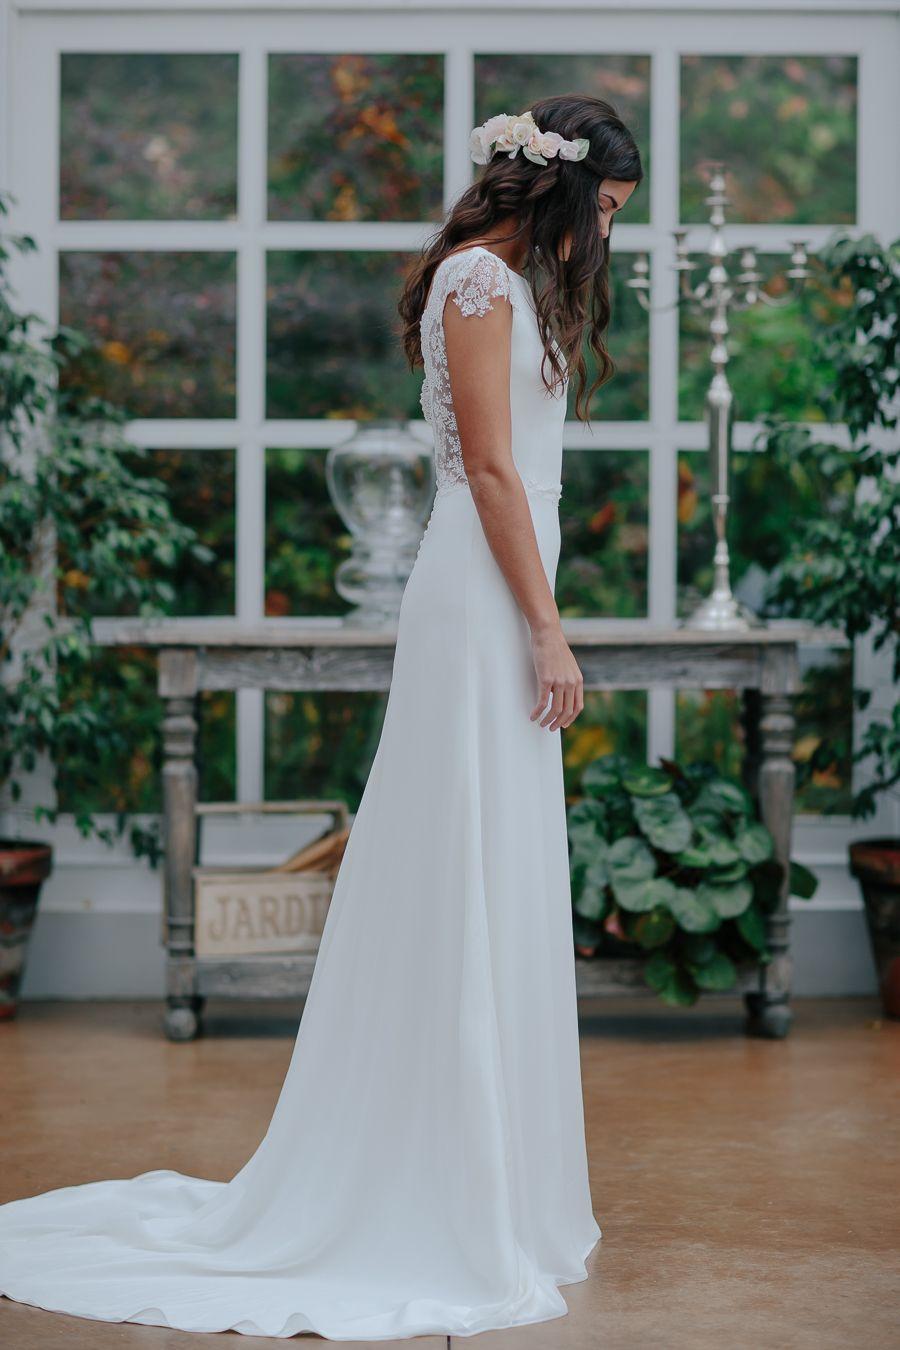 Da Oca 2-3 | Someday | Pinterest | Vestidos de novia, De novia y Novios